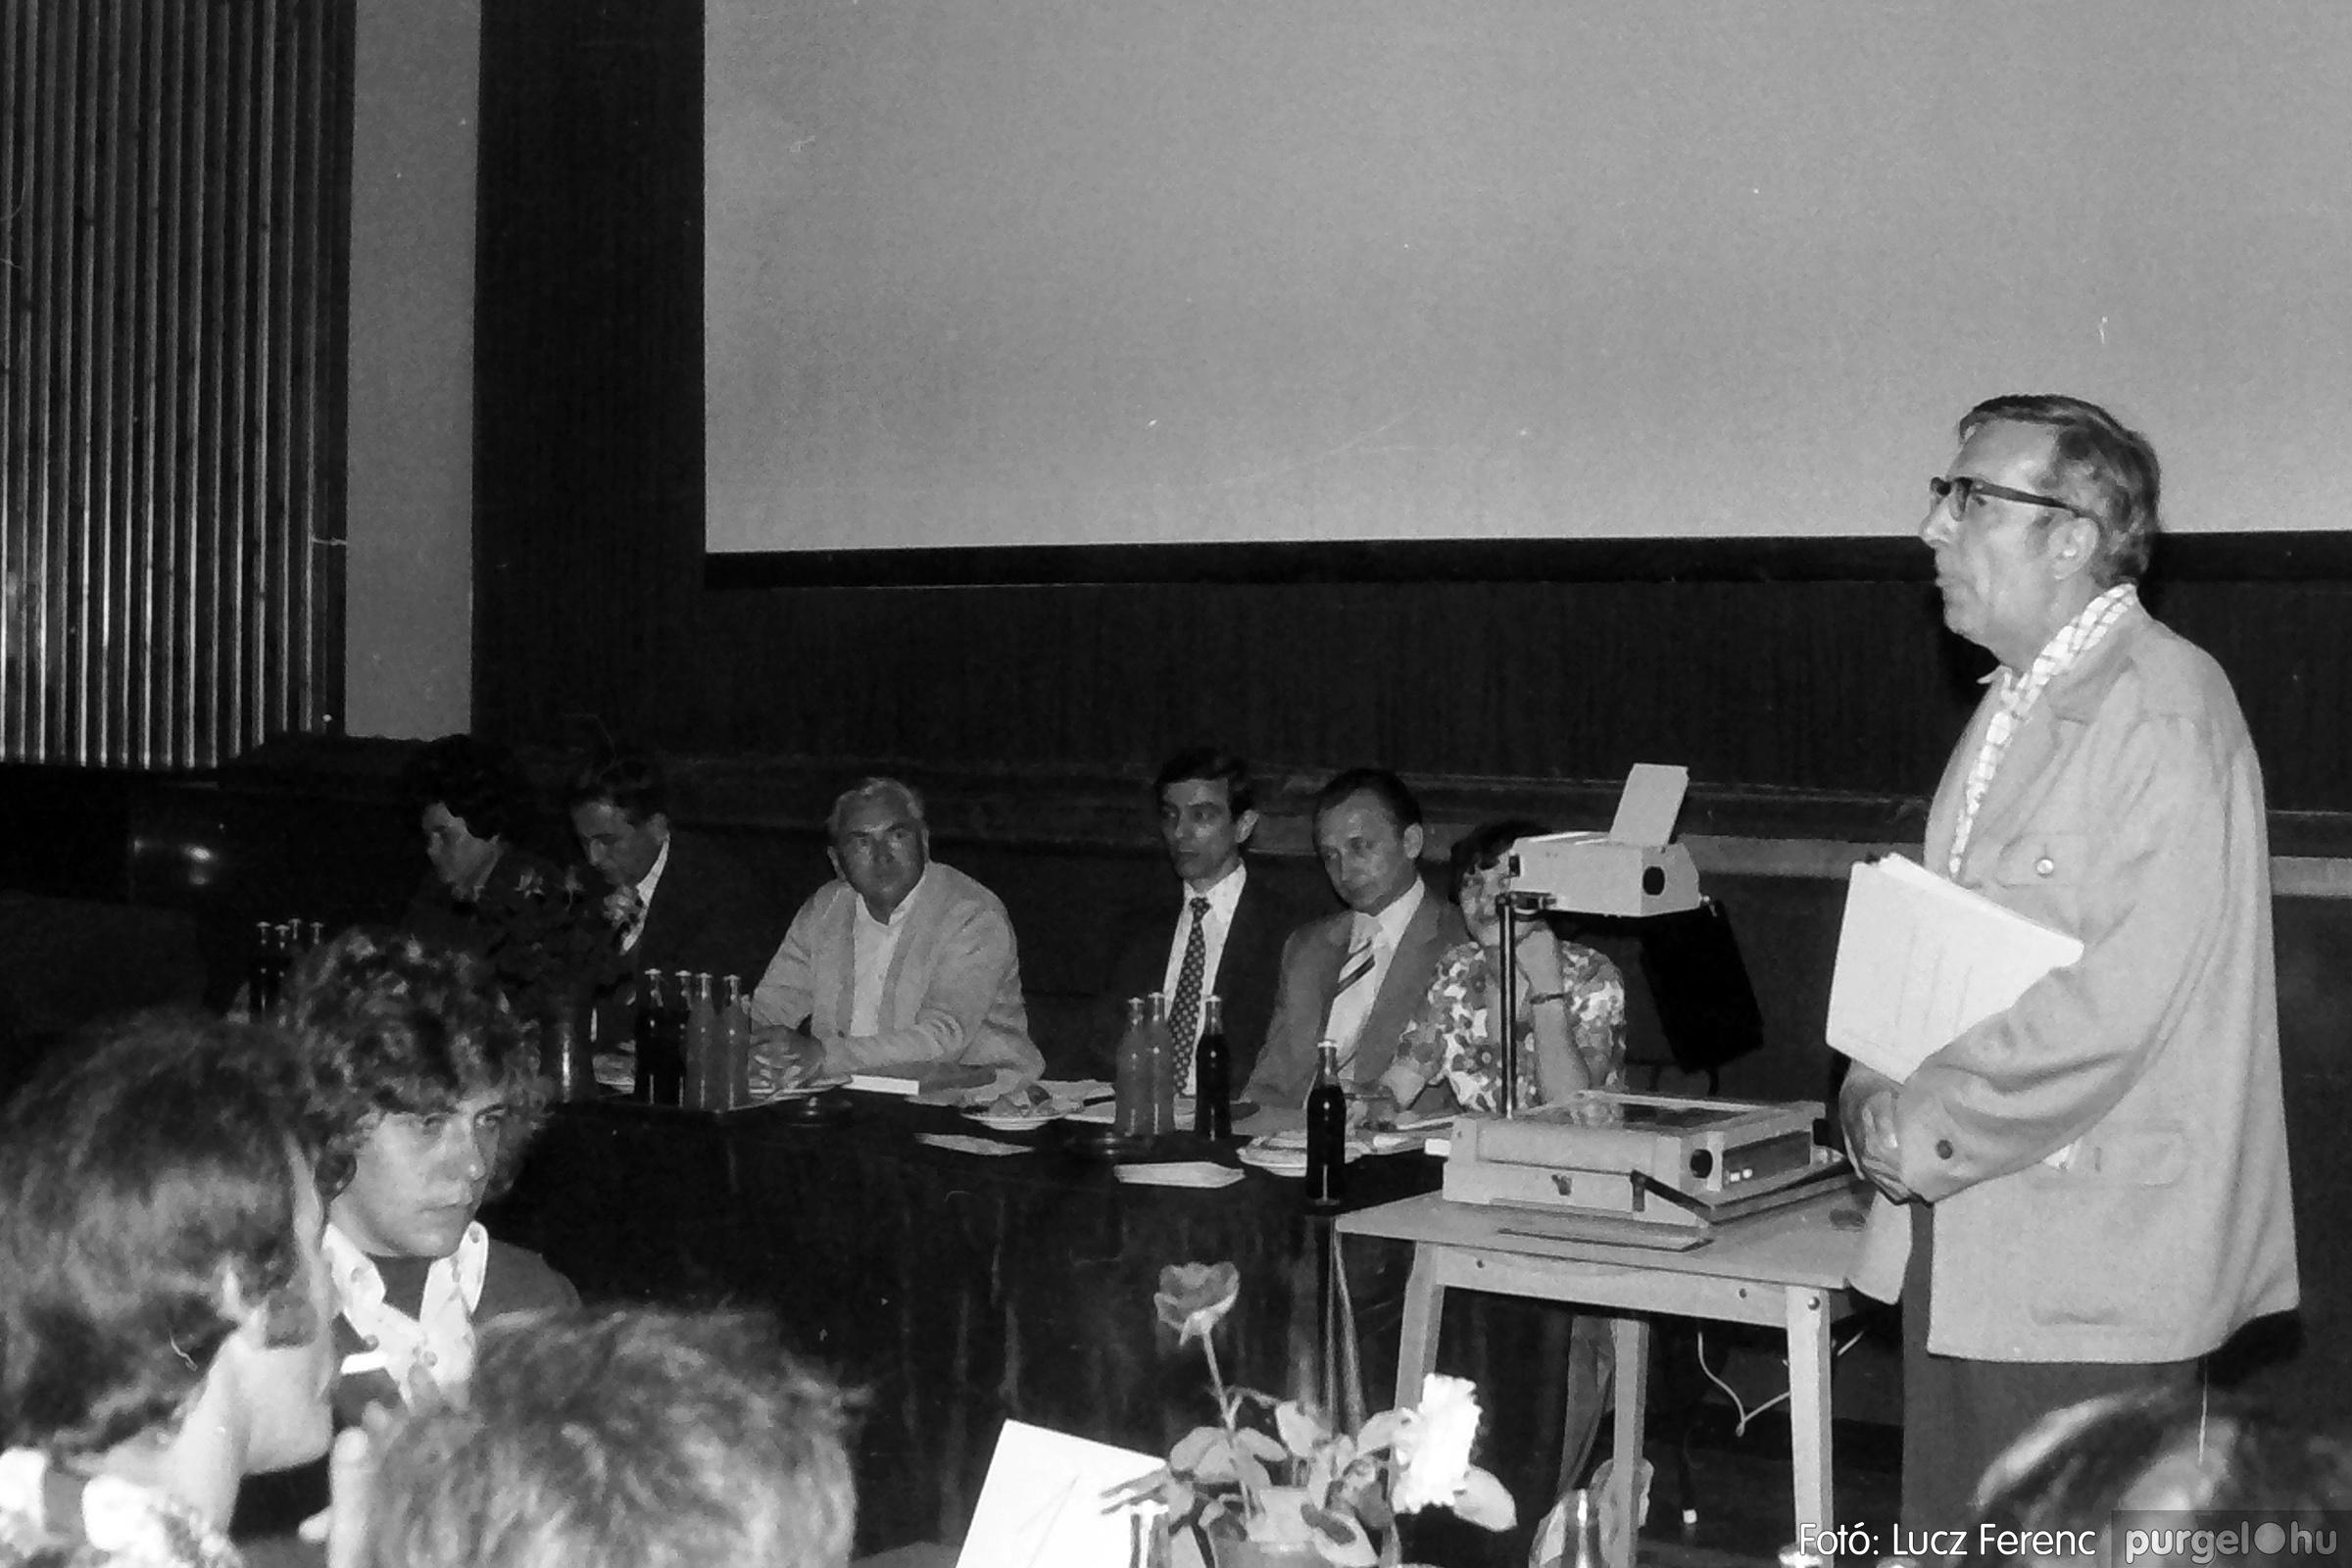 081. 1977. Kendergyári dolgozók vetélkedője 009. - Fotó: Lucz Ferenc.jpg